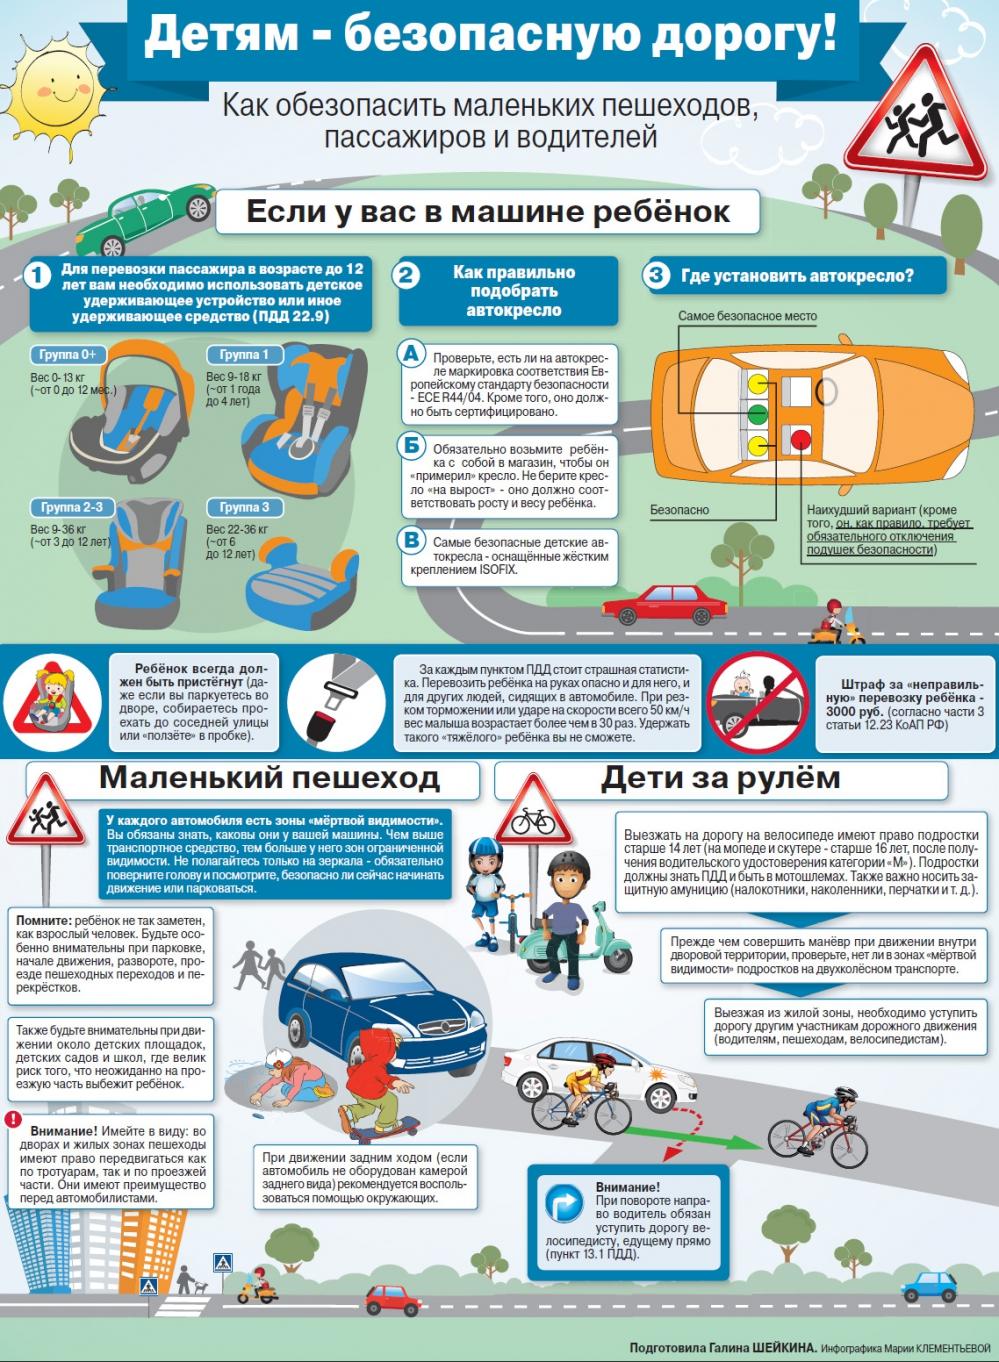 инфографика безопасности ребенка на дороге и в авто